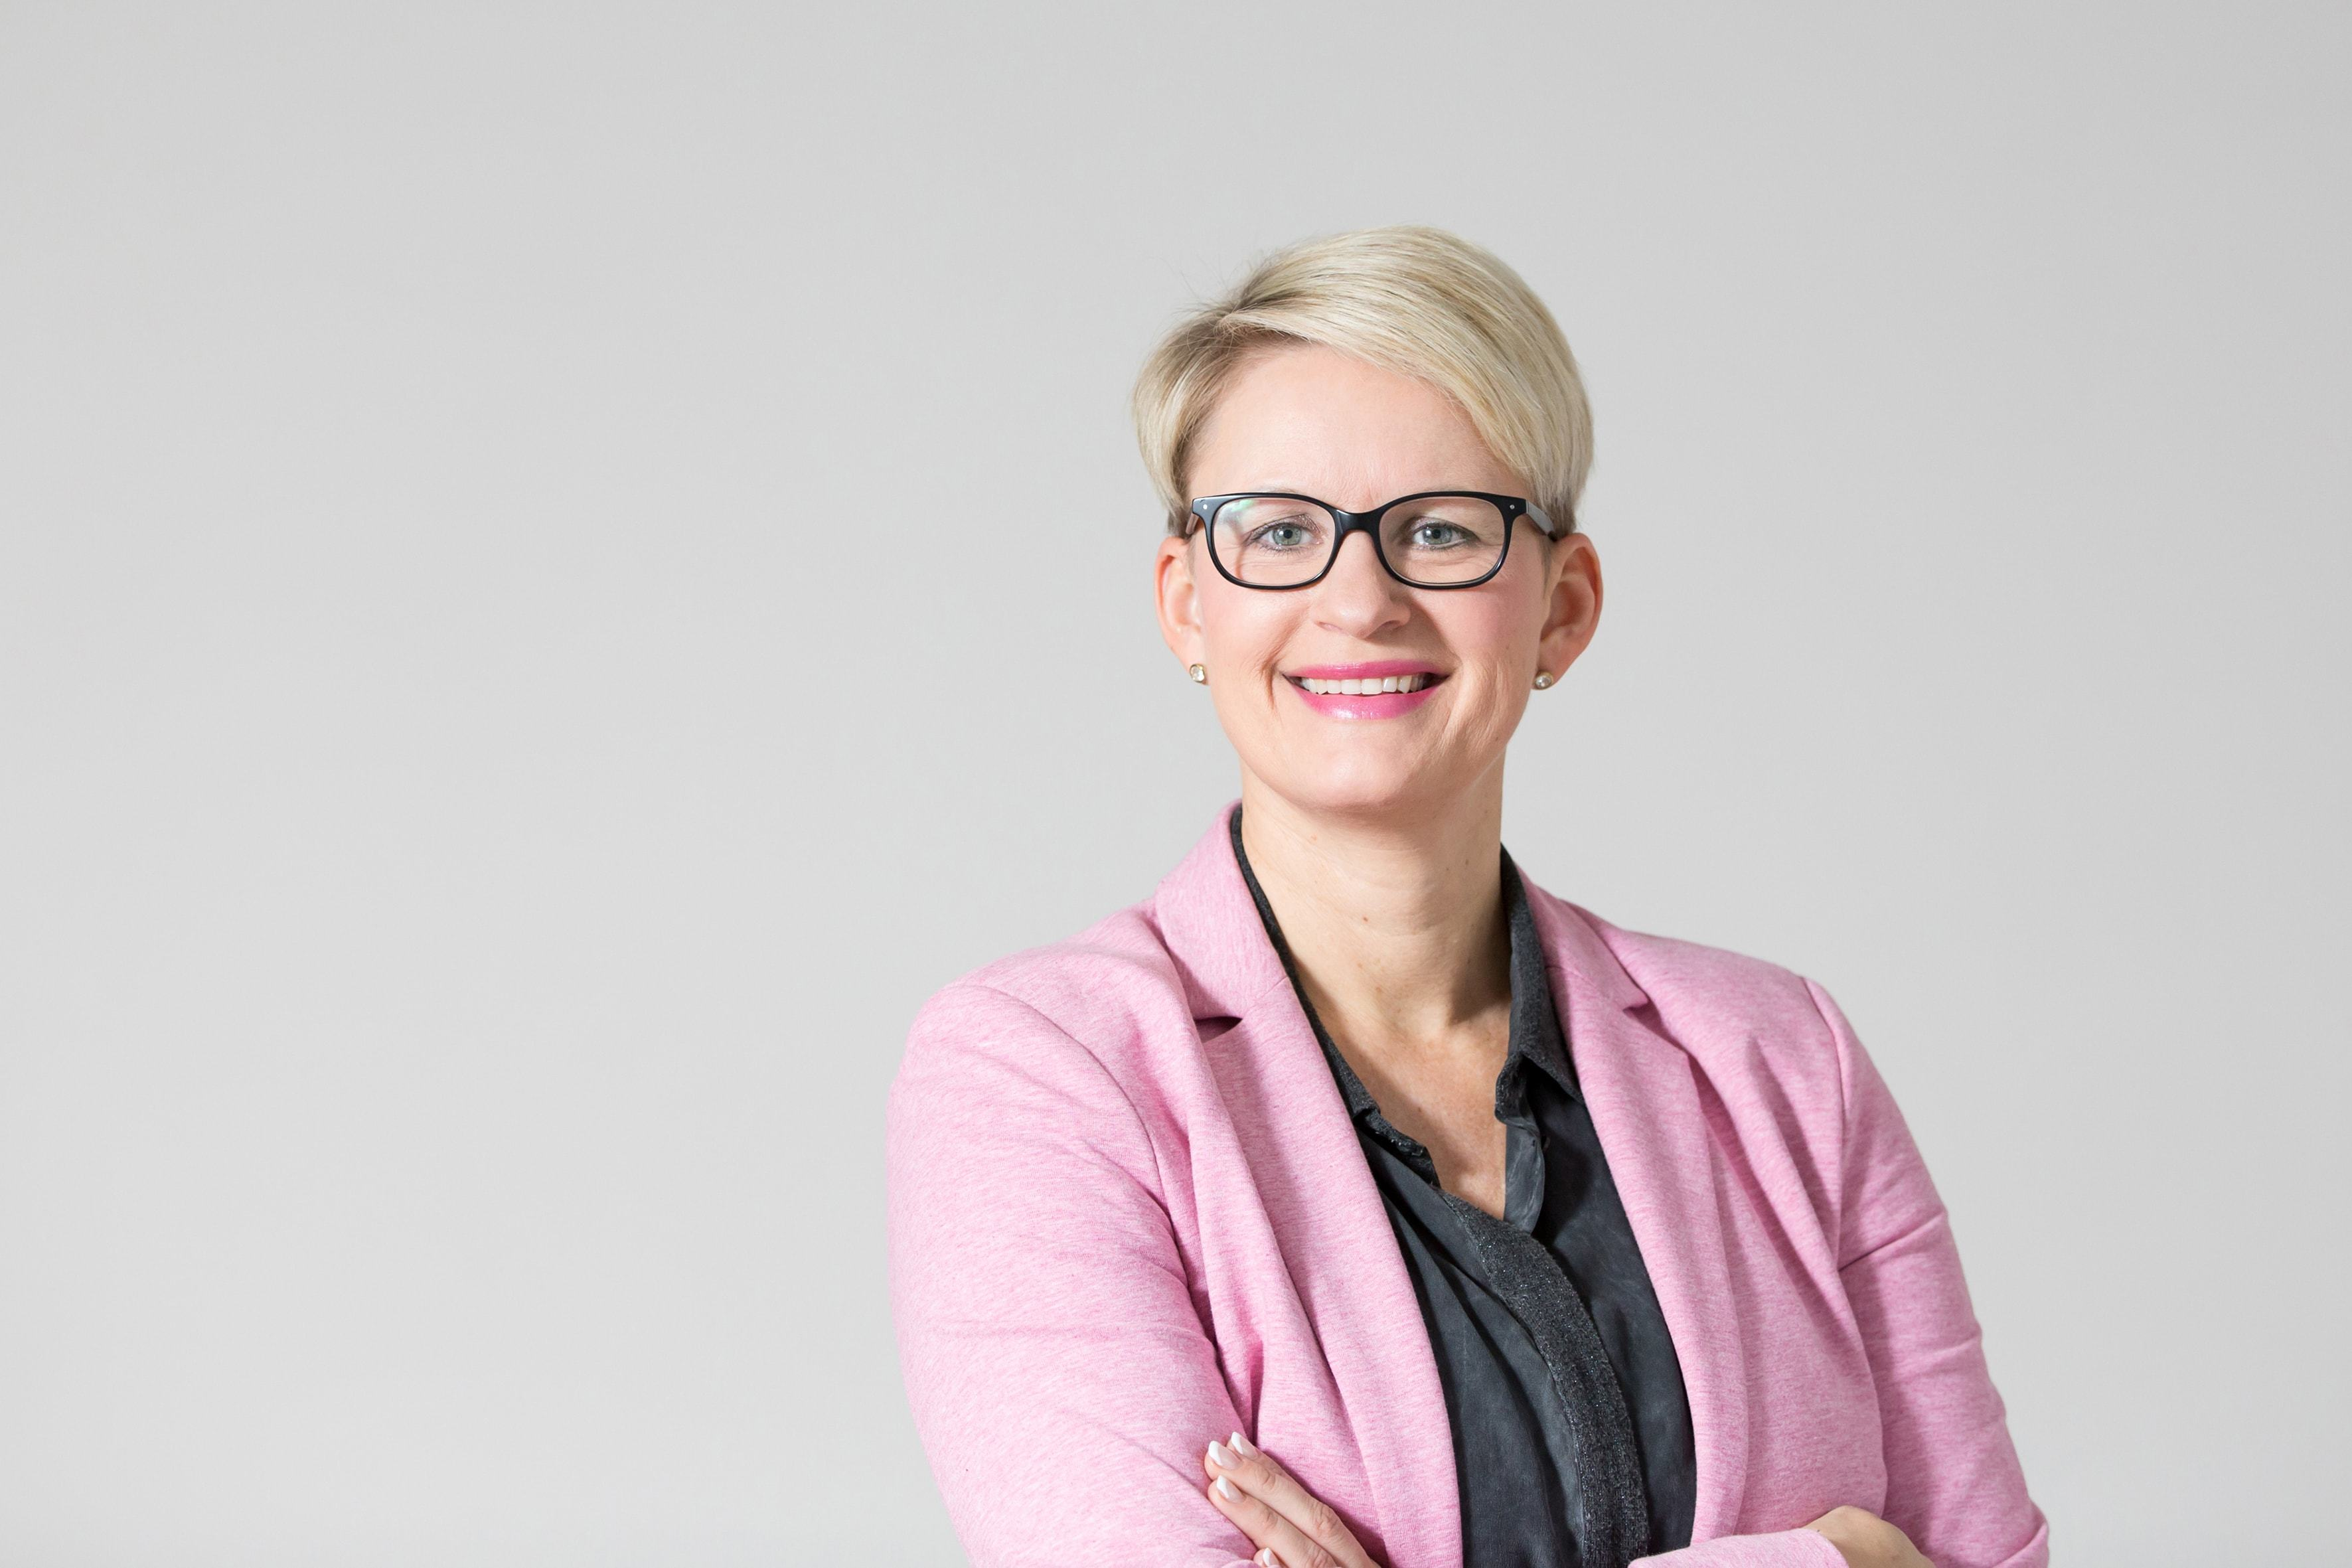 Bianca Boss (41) aus Henstedt-Ulzburg. Die Versicherungsfachwirtin ist seit mehr als zehn Jahren Pressereferentin des Bunds der Versicherten. Zuvor betreute Sie die Rahmenverträge der Mitglieder und gab ihr Fachwissen in der Beratung weiter.